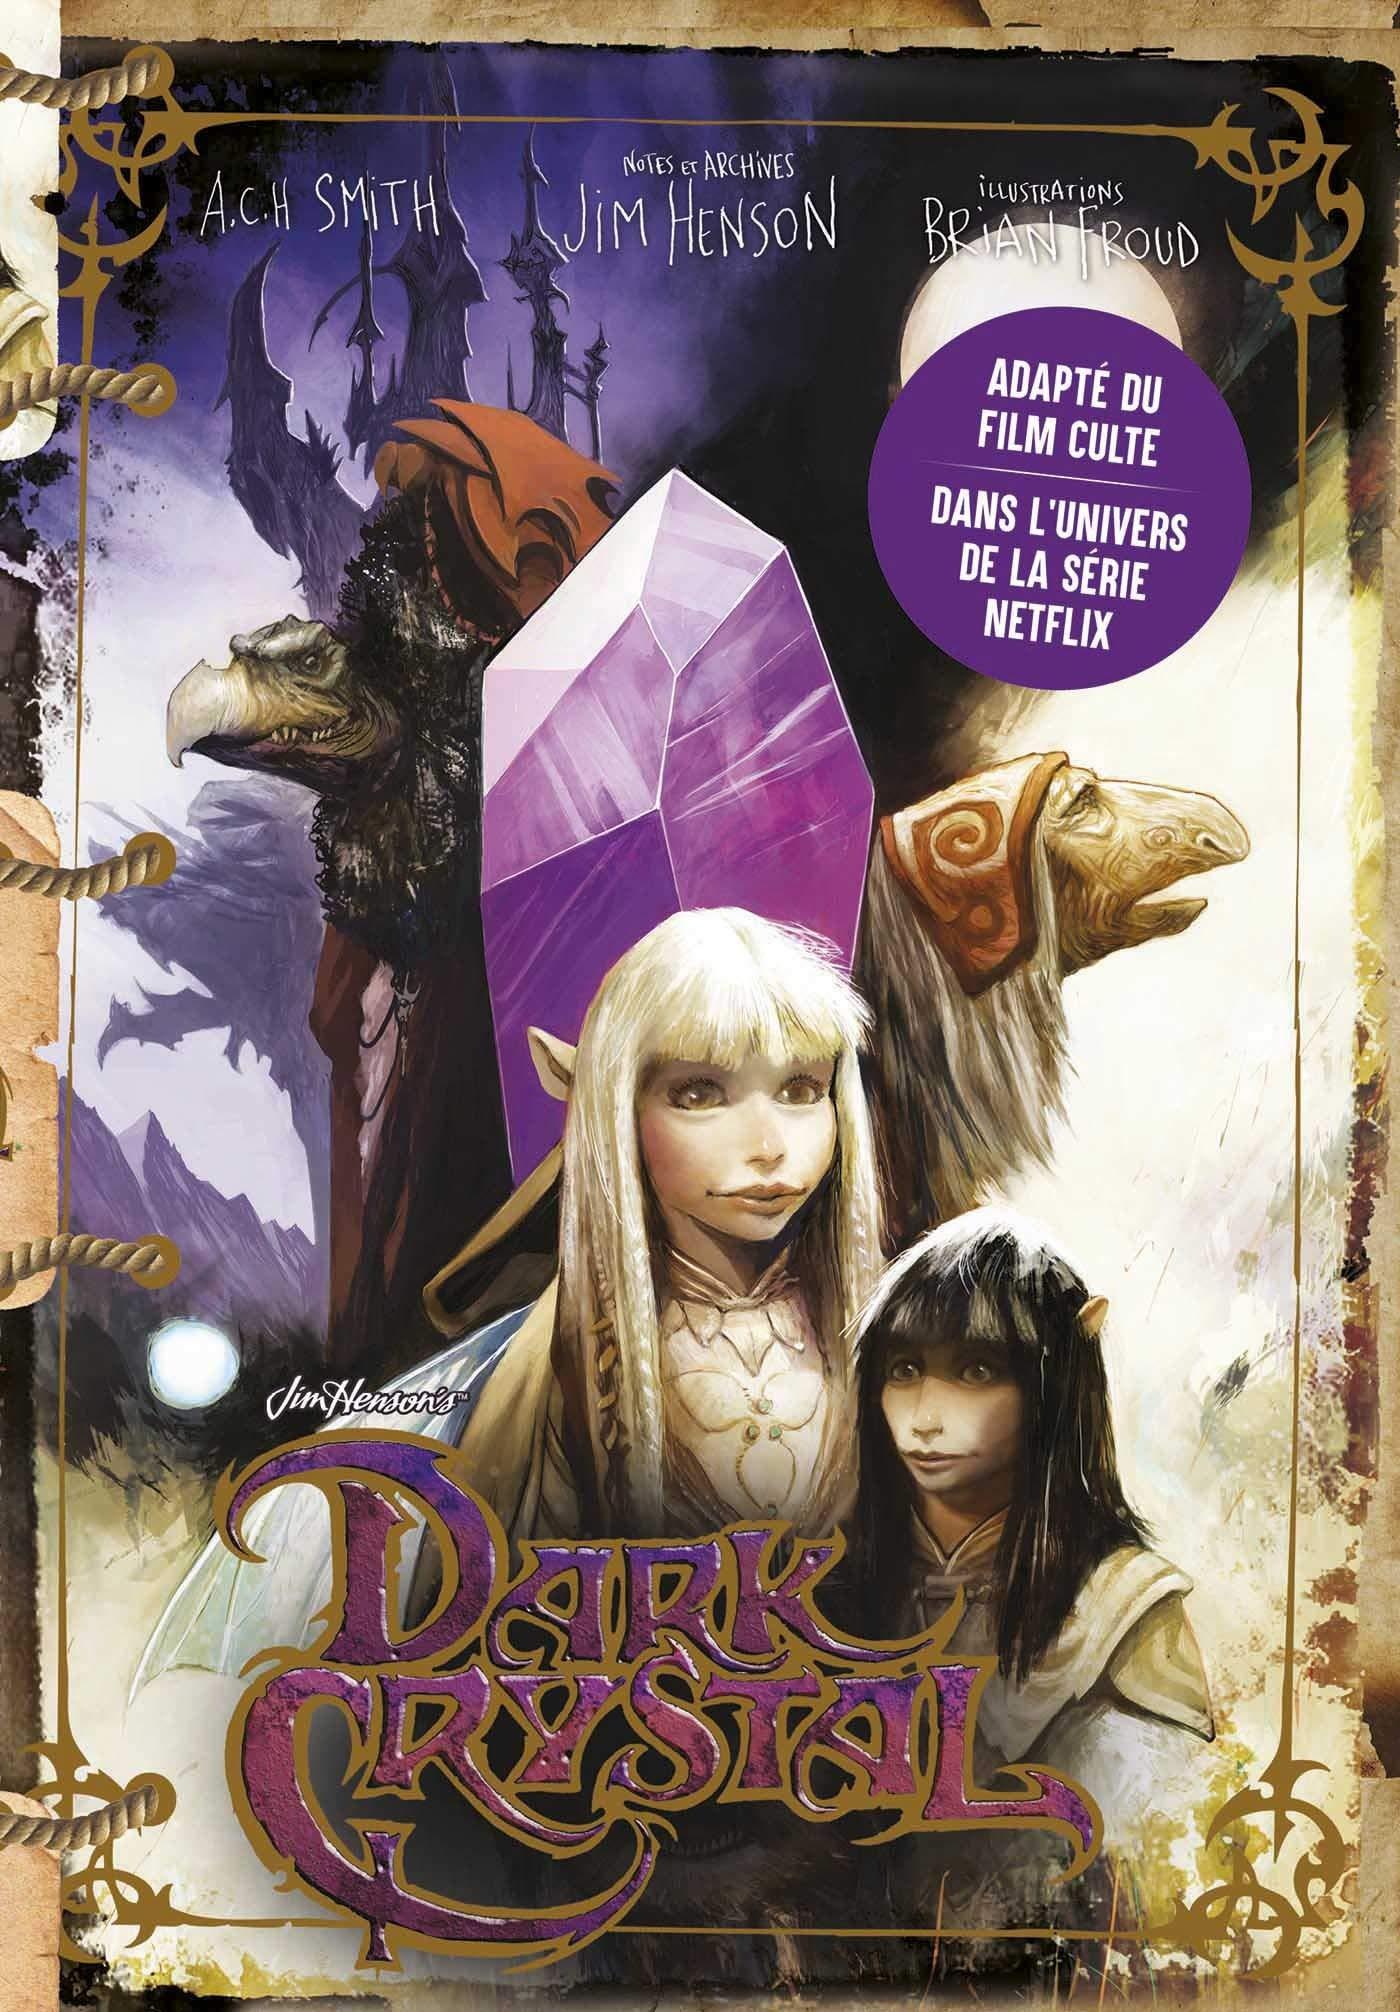 Dark Crystal Novélisation